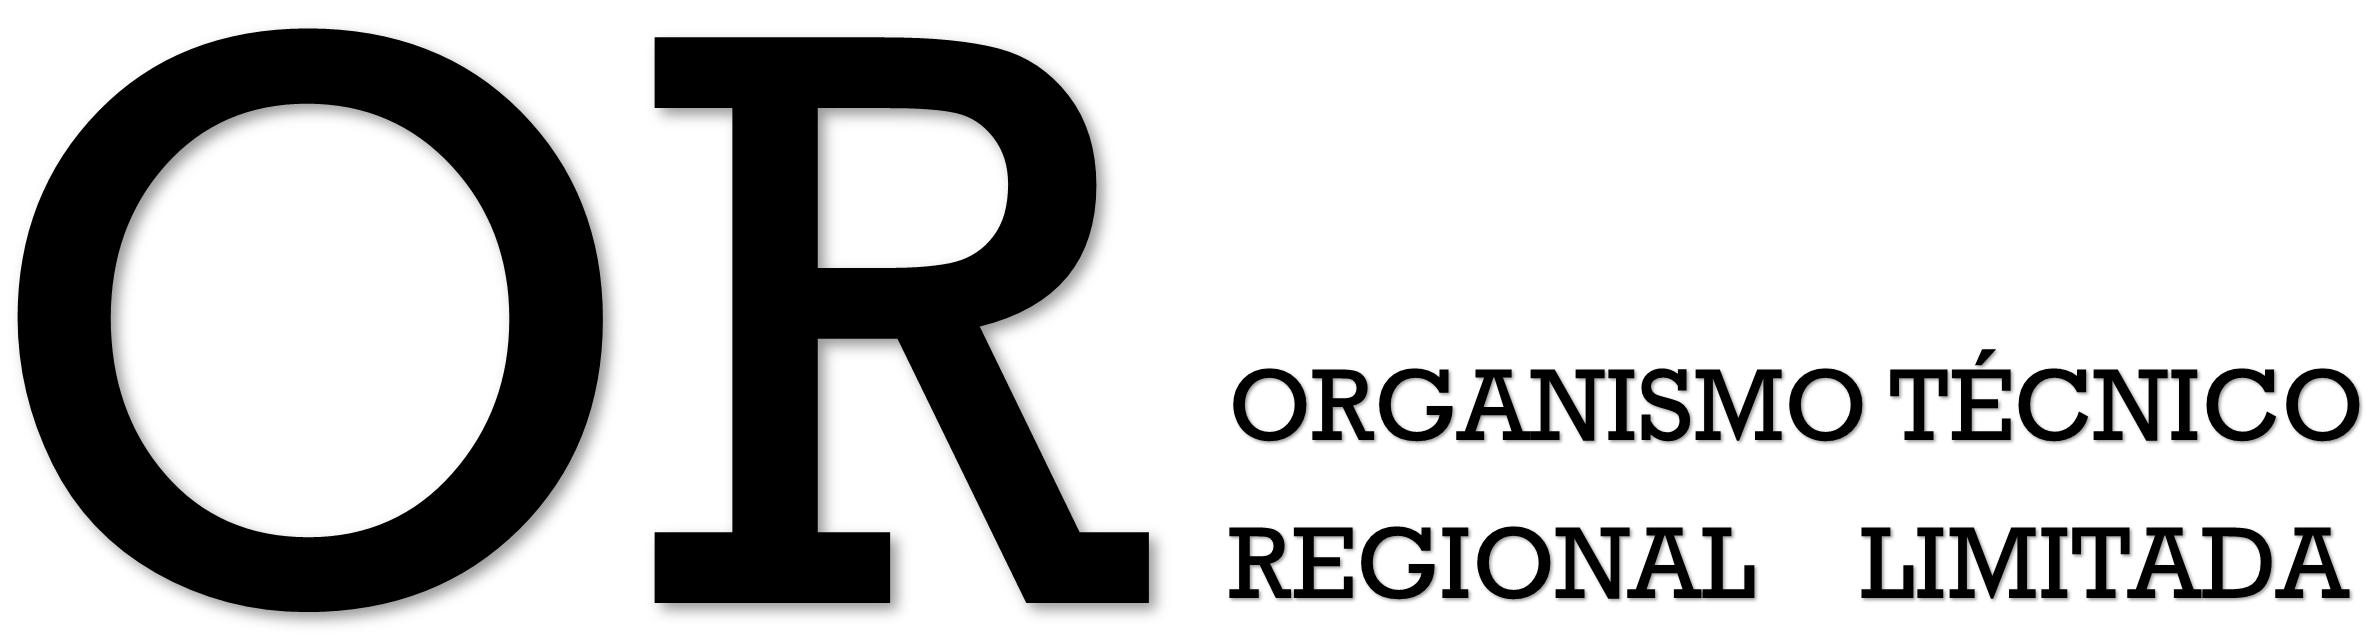 Logo Otec Regional Ltda.